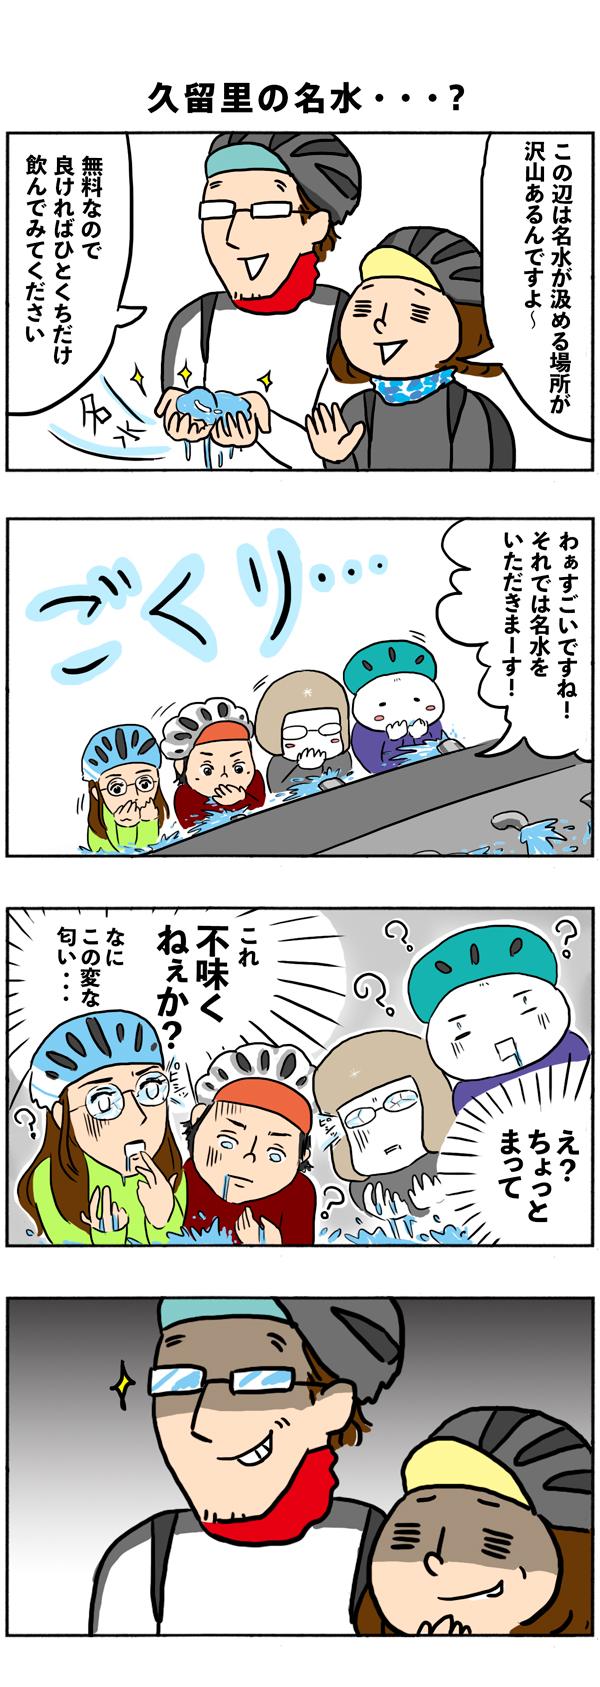 豪華メンバーで鹿野山〜千葉房総ライドしてきました☆久留里駅にある名水!